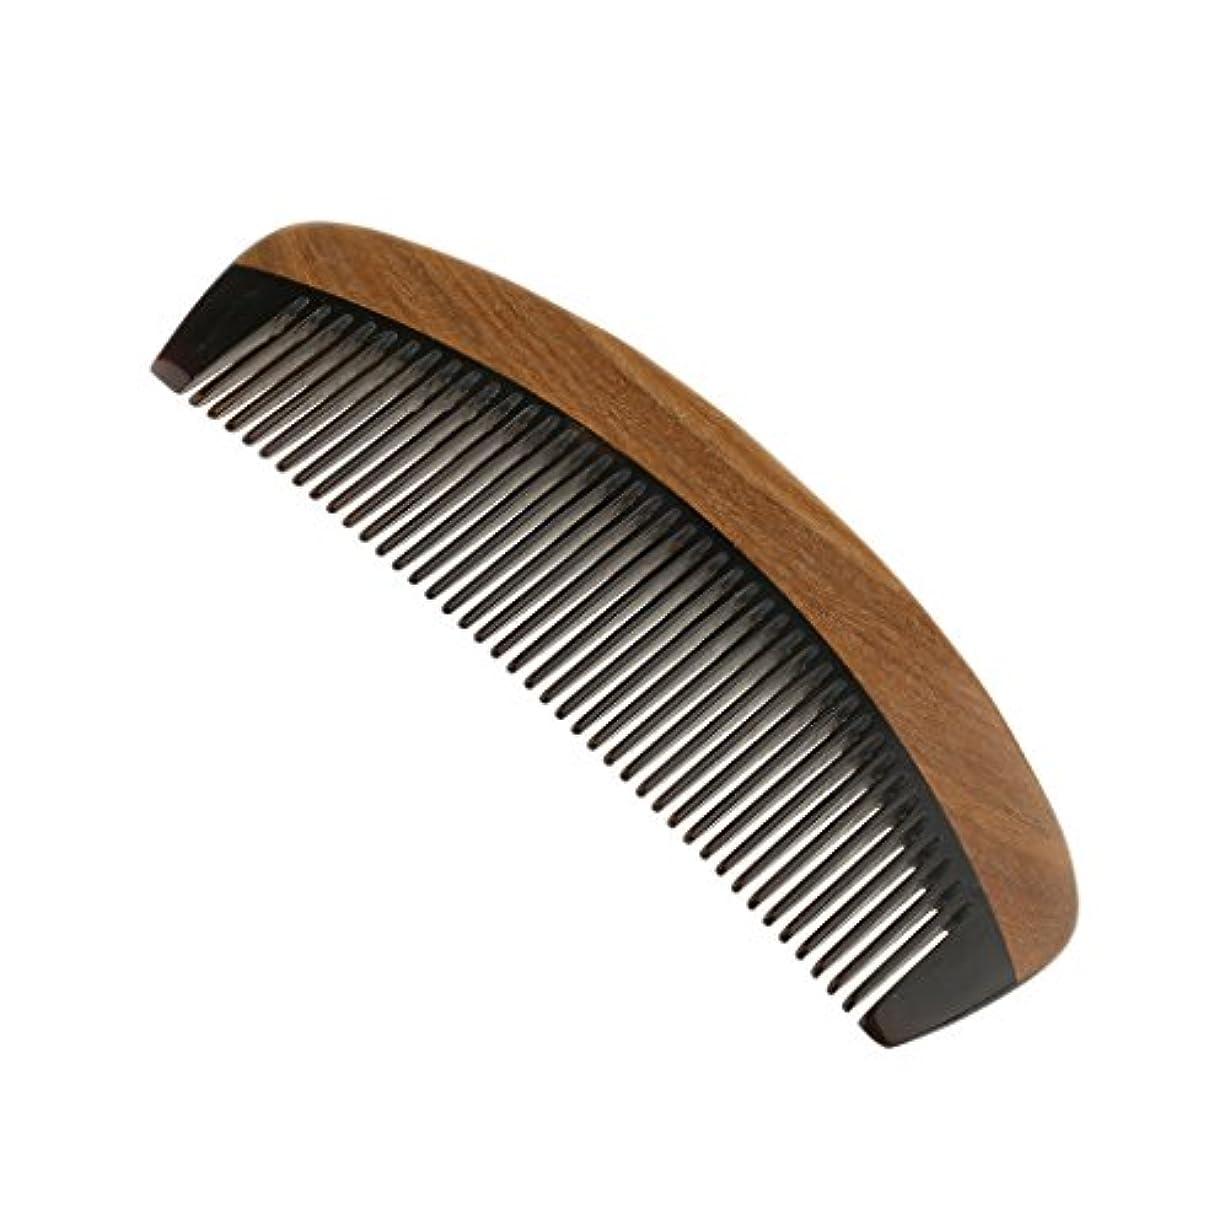 鏡トピック揃えるPerfk ウッドコーム サンダルウッド ハンドメイド 櫛 静電気防止 高品質 マッサージ